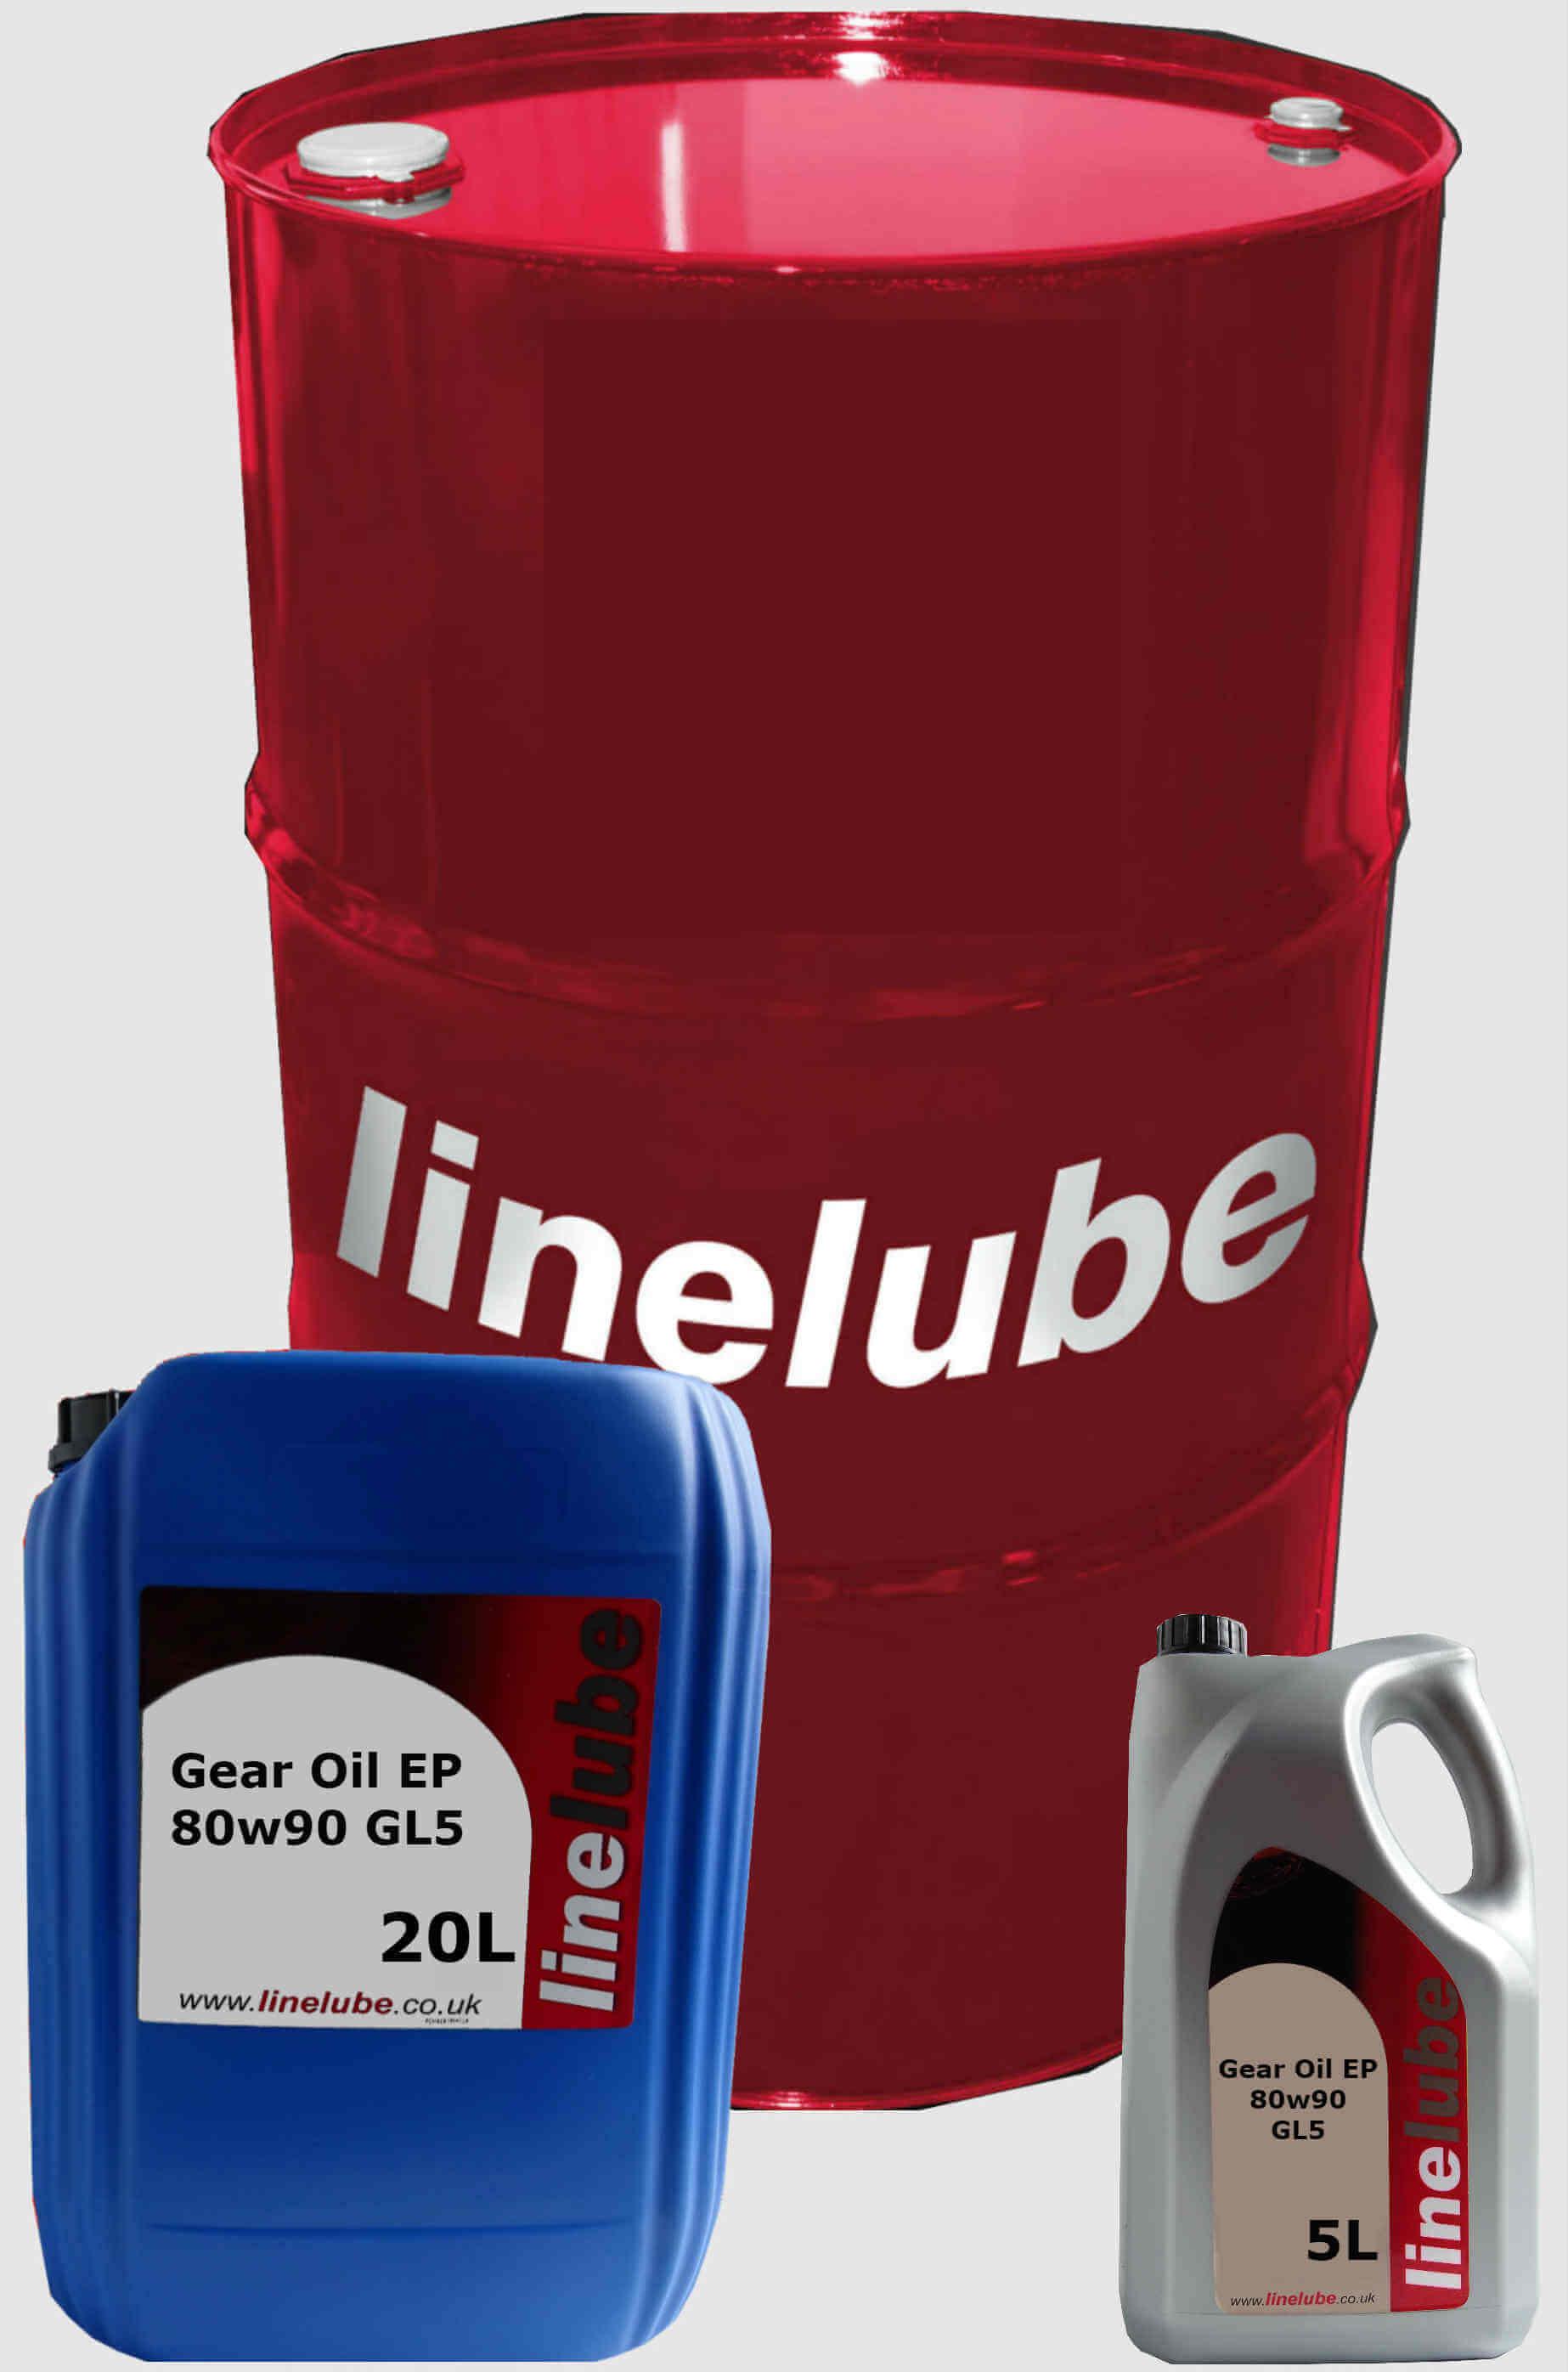 Linelube Gear Oil EP 80w90 GL5